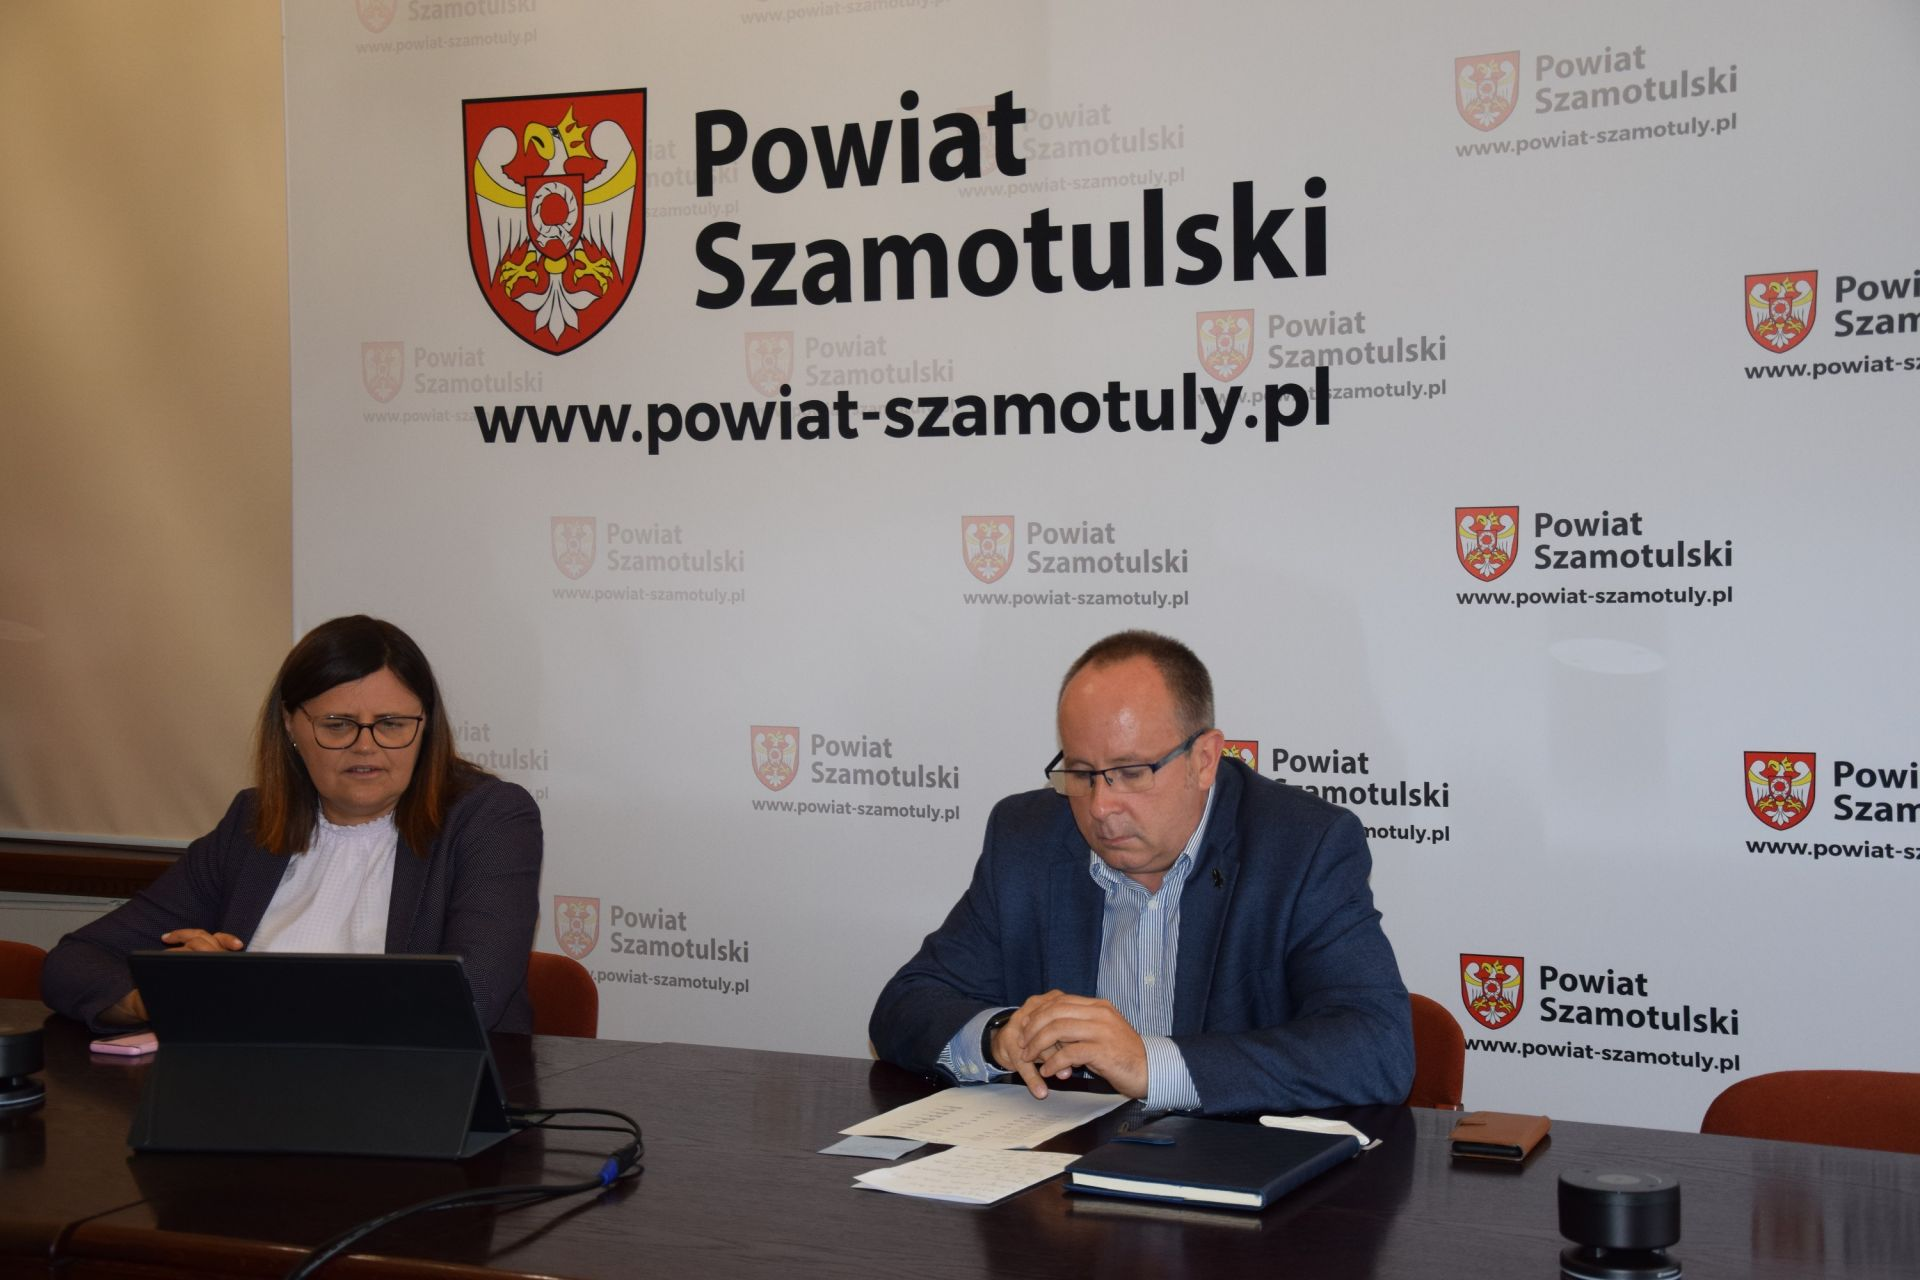 Wideokonferencja dot. szczepień - na zdjęciu Starosta Beata Hanyżak i p. Jaromir Zieliński